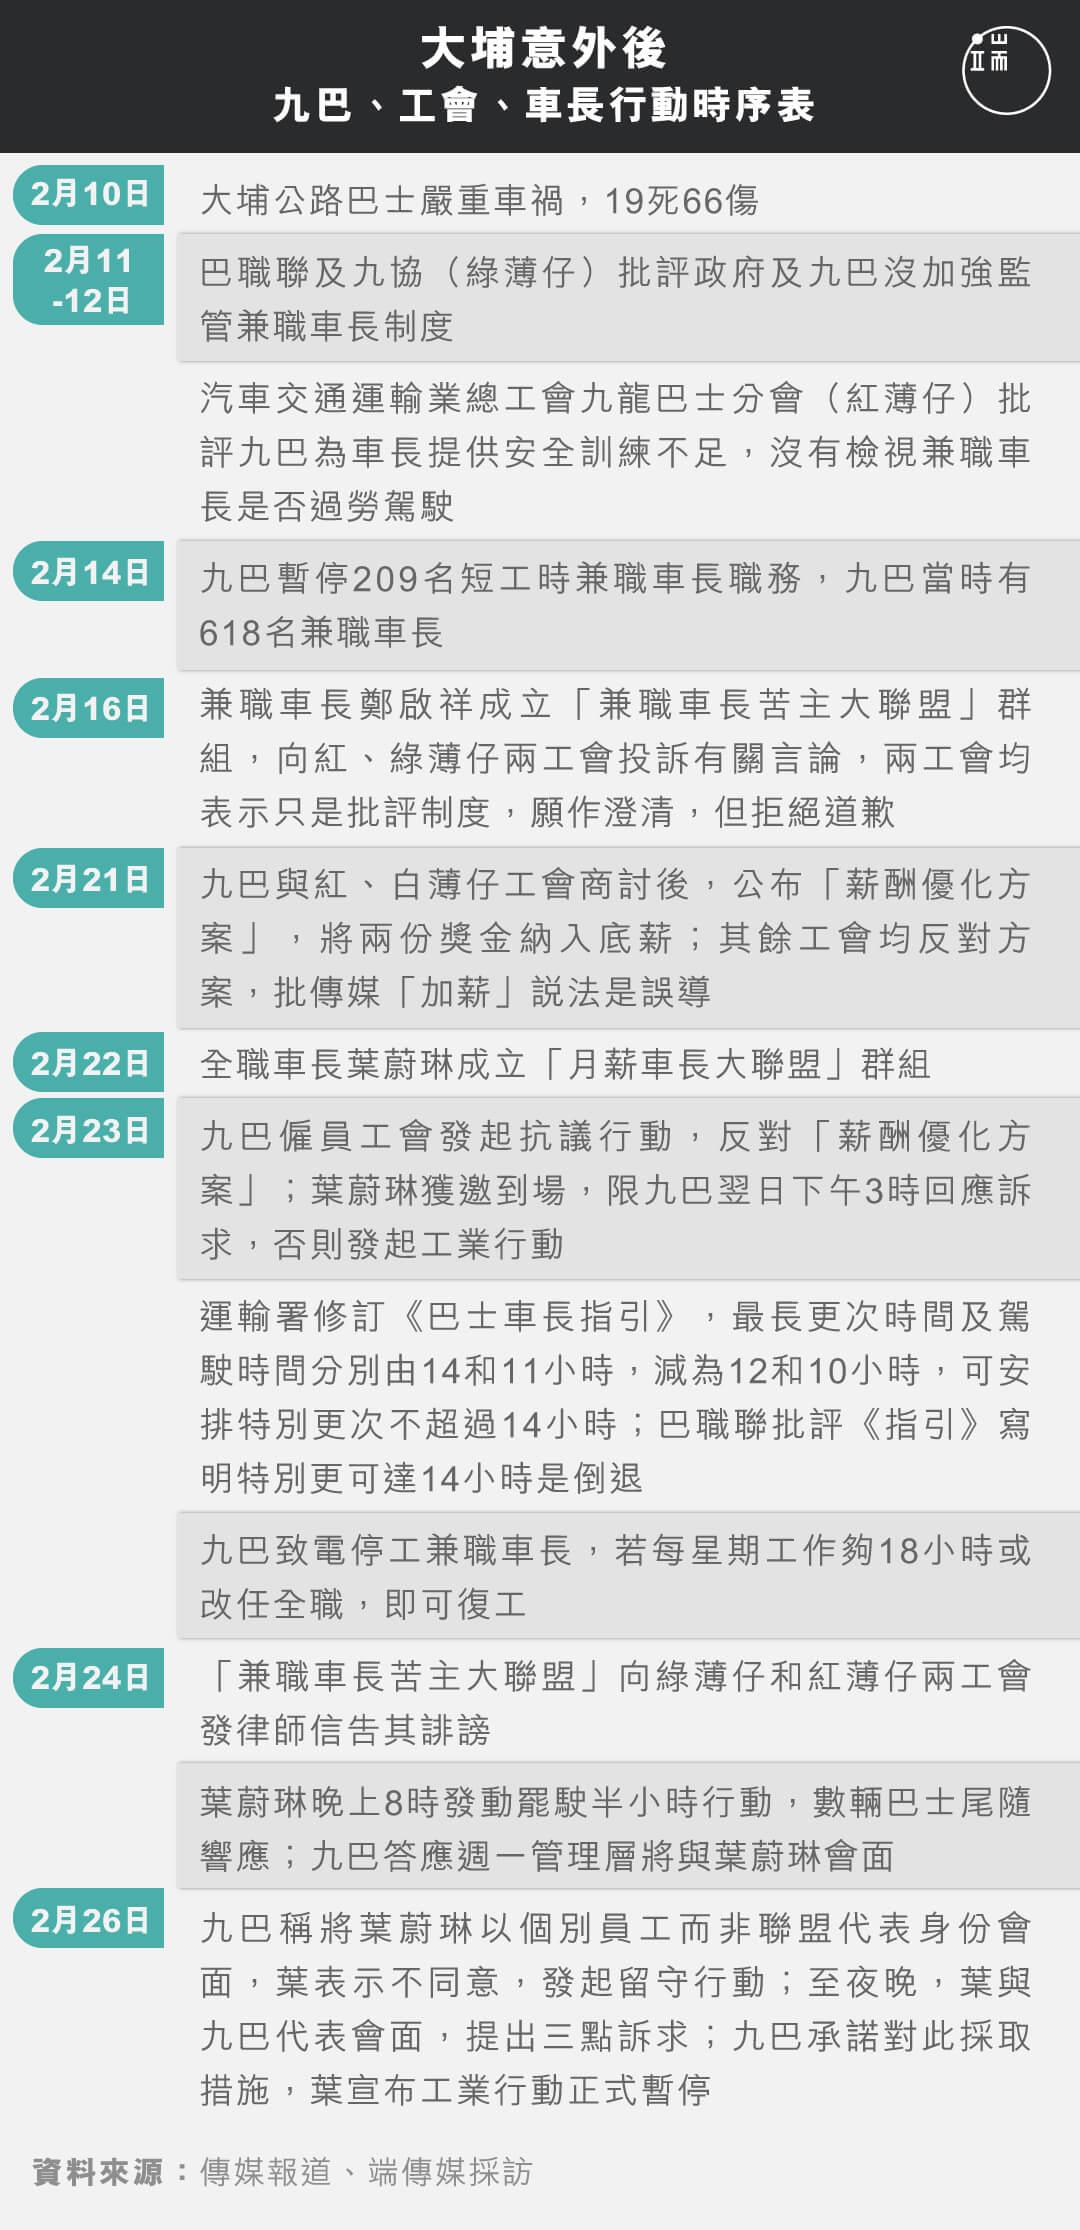 大埔意外後,九巴、工會、車長行動時序表。